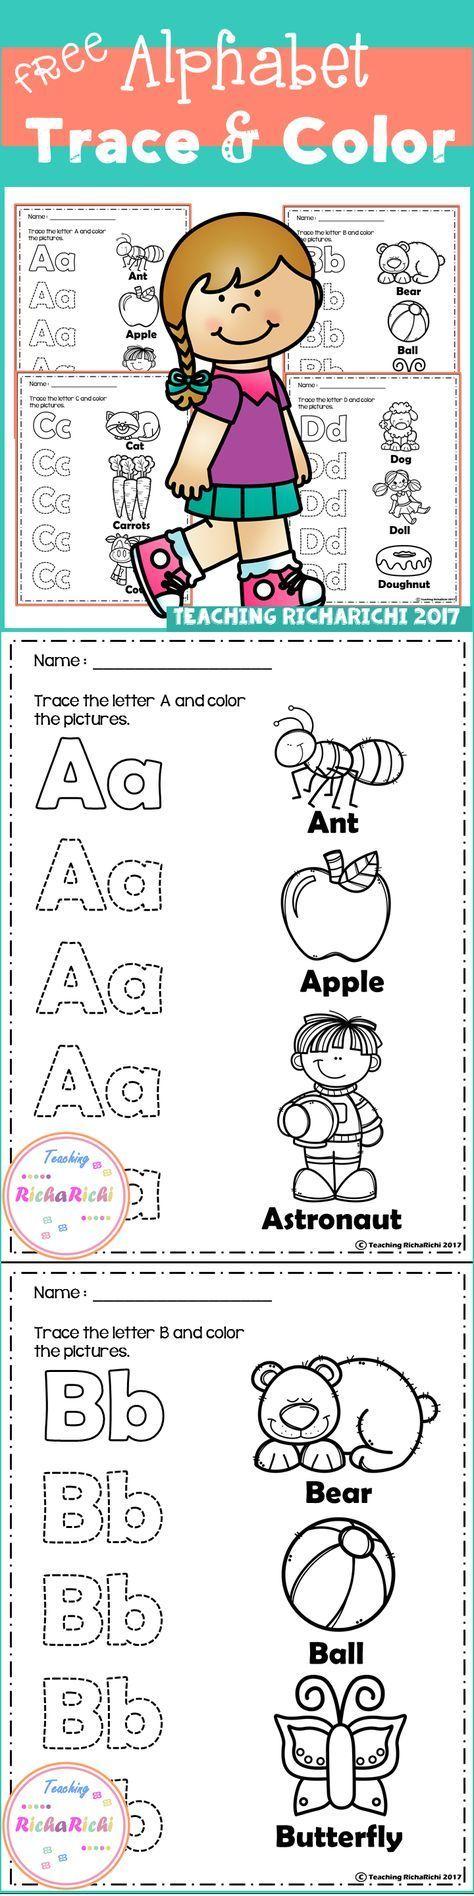 Freebies, FREE kindergarten Activities, FREE Pre-K Activities, FREE ...